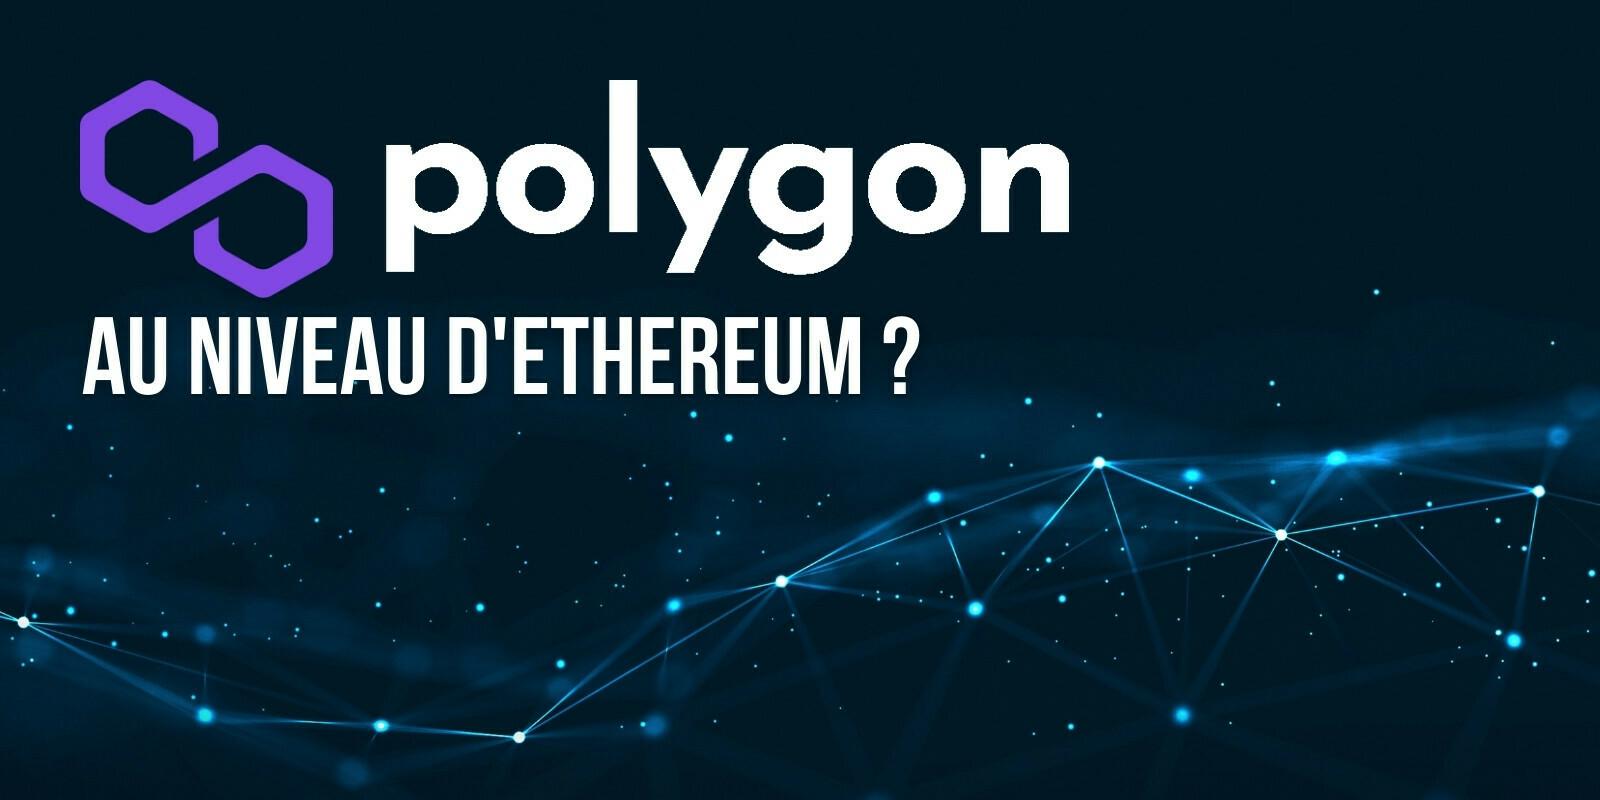 Les adresses actives de Polygon (MATIC) ont brièvement dépassé celles d'Ethereum (ETH)